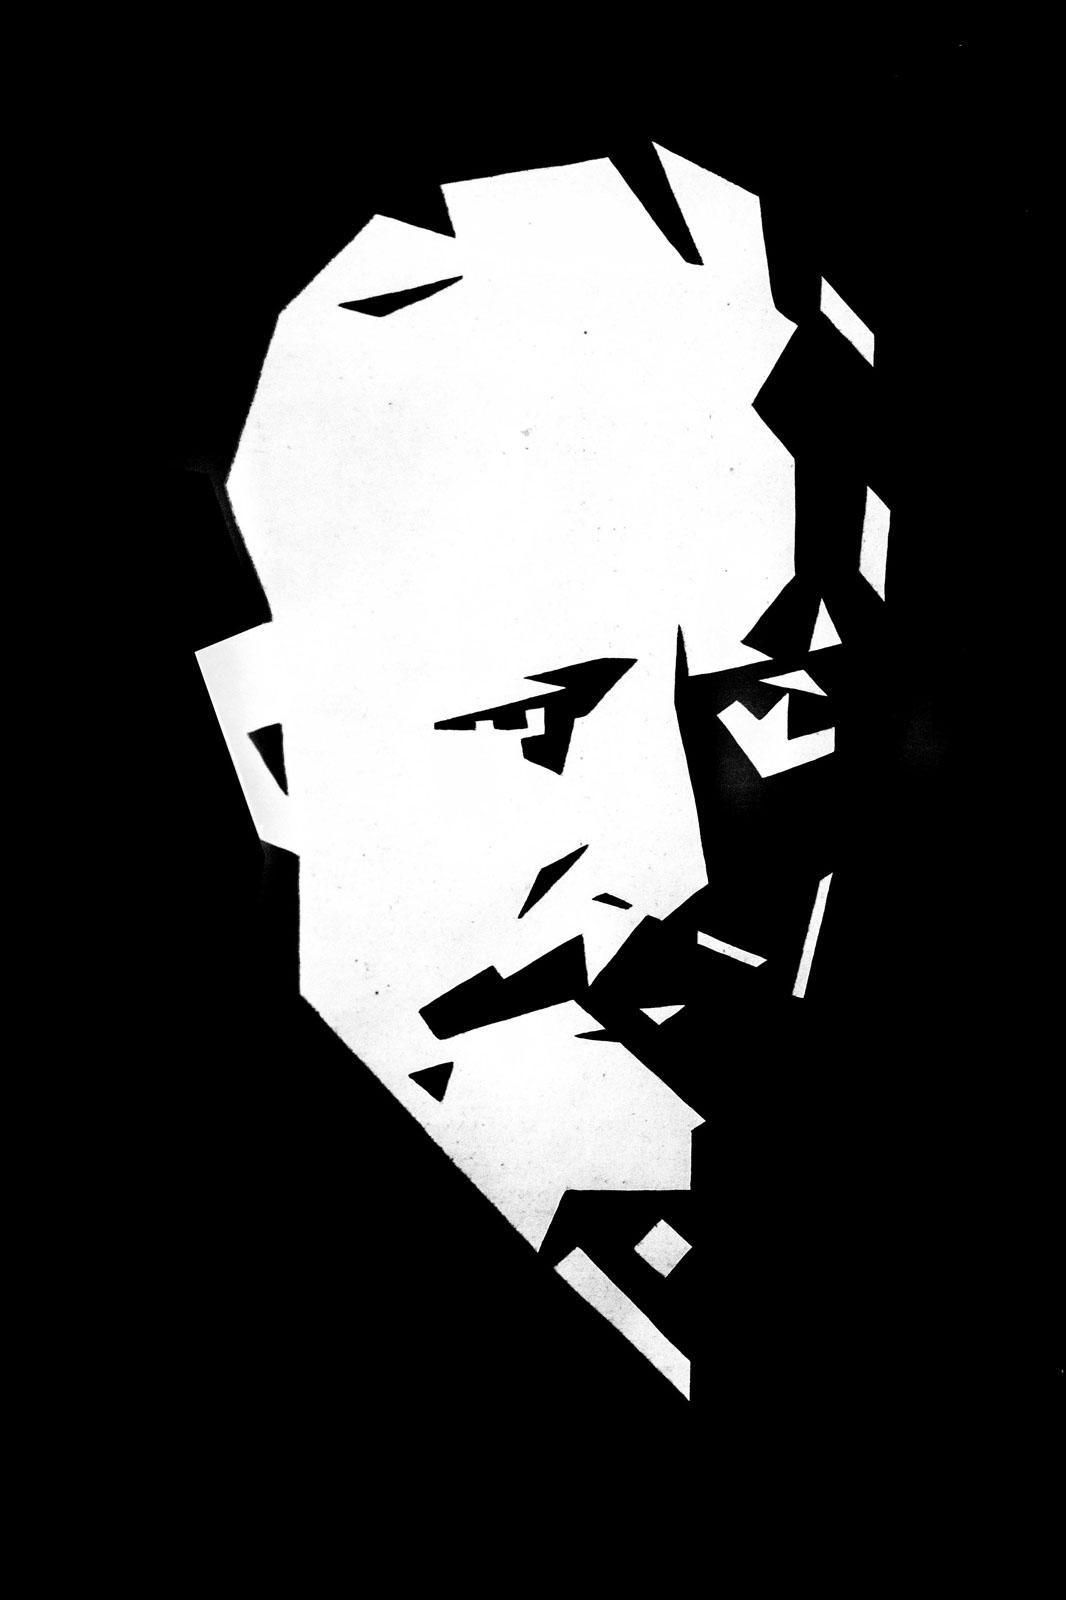 Фото №113496. Чайковский. 1962. Константин Васильев (1942-1976)